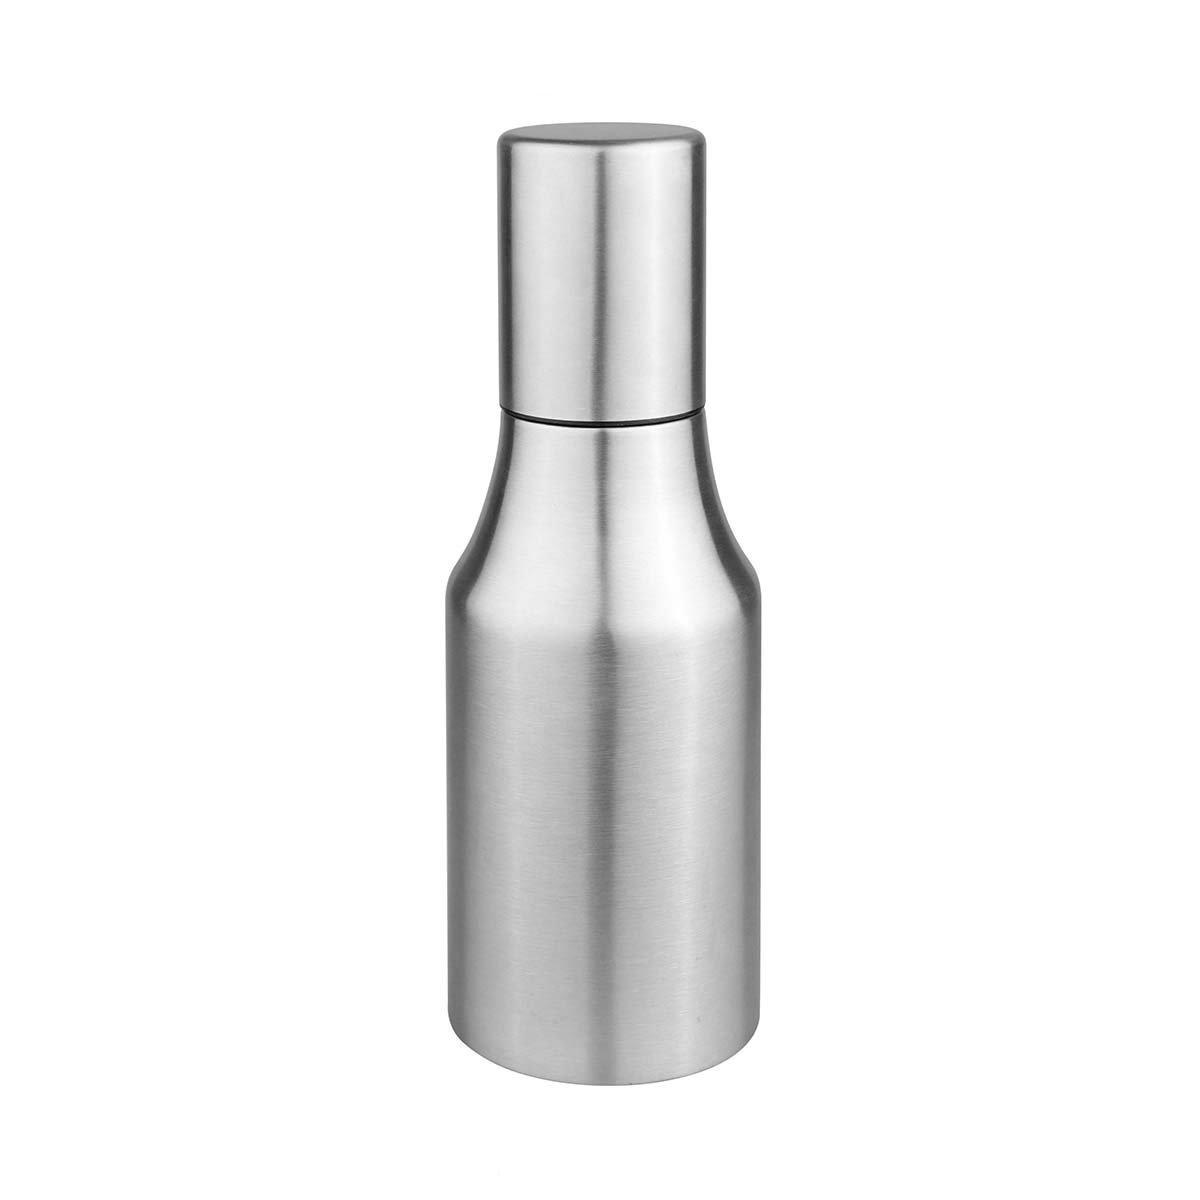 Powstro Olive Oil Dispenser Bottle Oil Pourer Dispensing Bottles Stainless Steel Olive Oil Dispenser Leakproof Kitchen Oil & Vinegar Cruet (500ml)